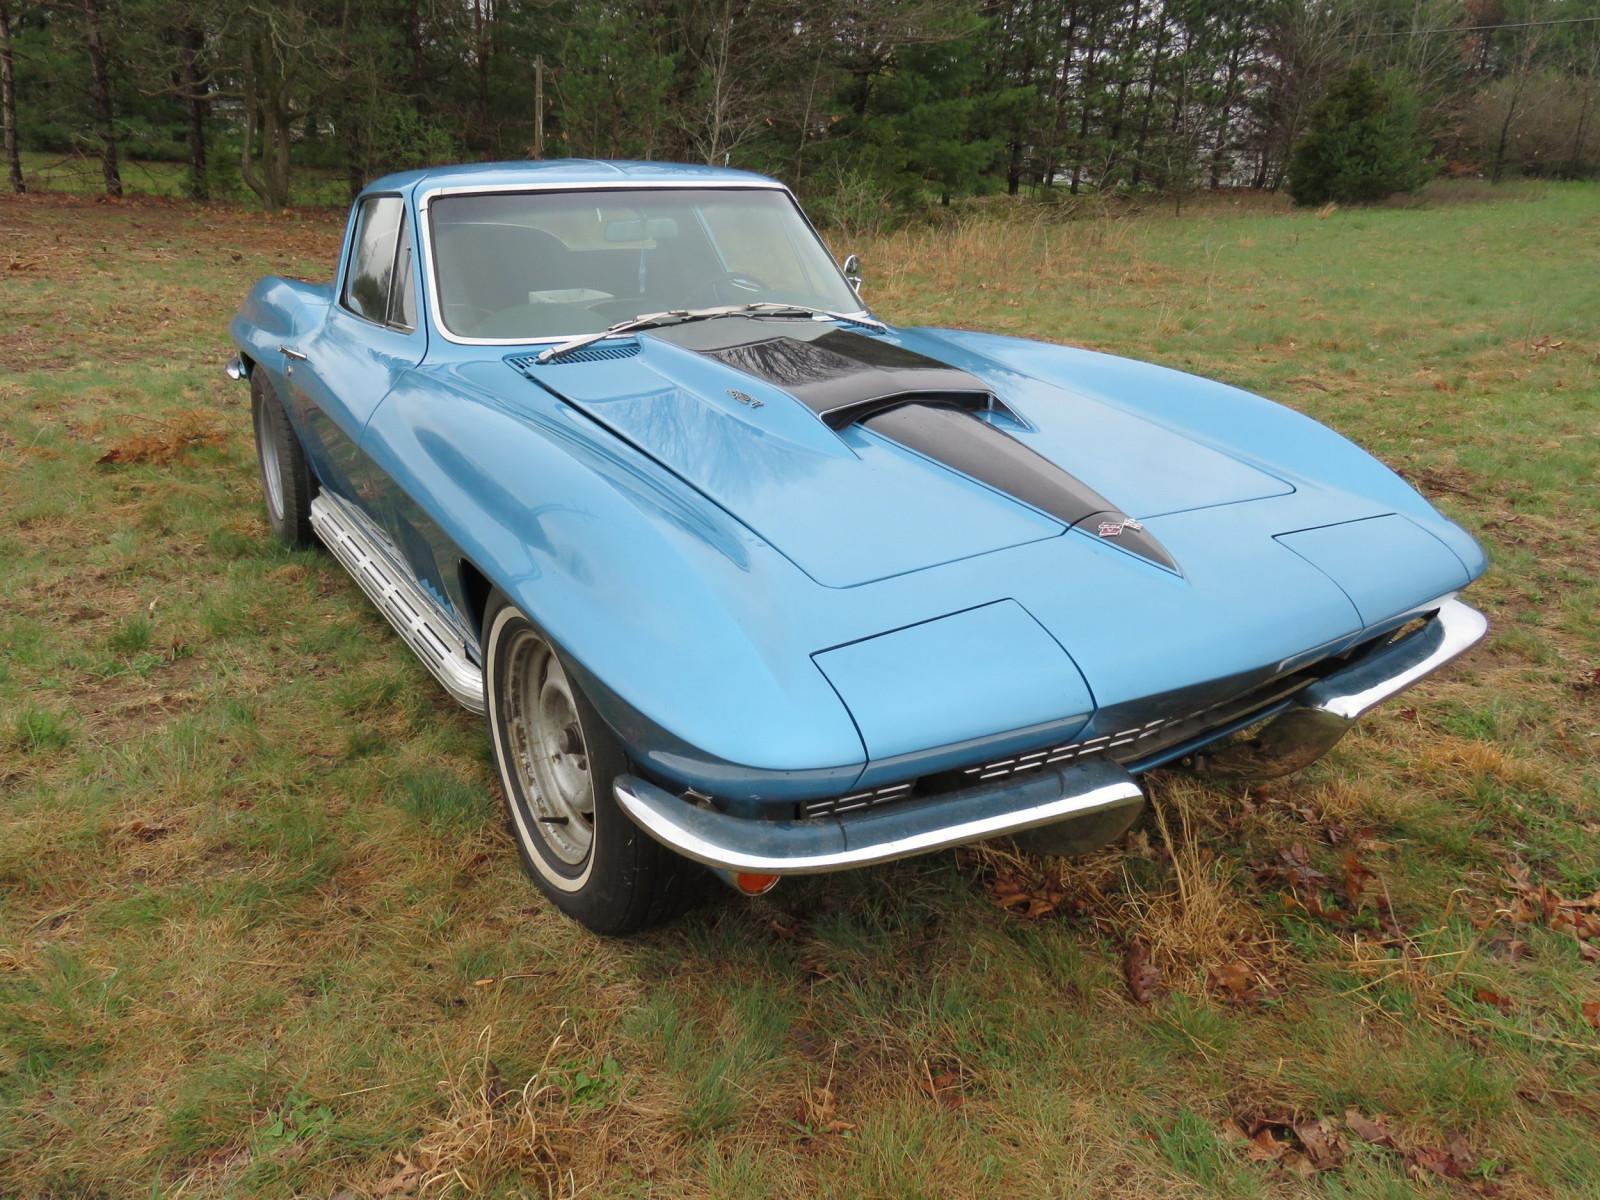 1967 Chevrolet Corvette Stingray Coupe blue front 3/4